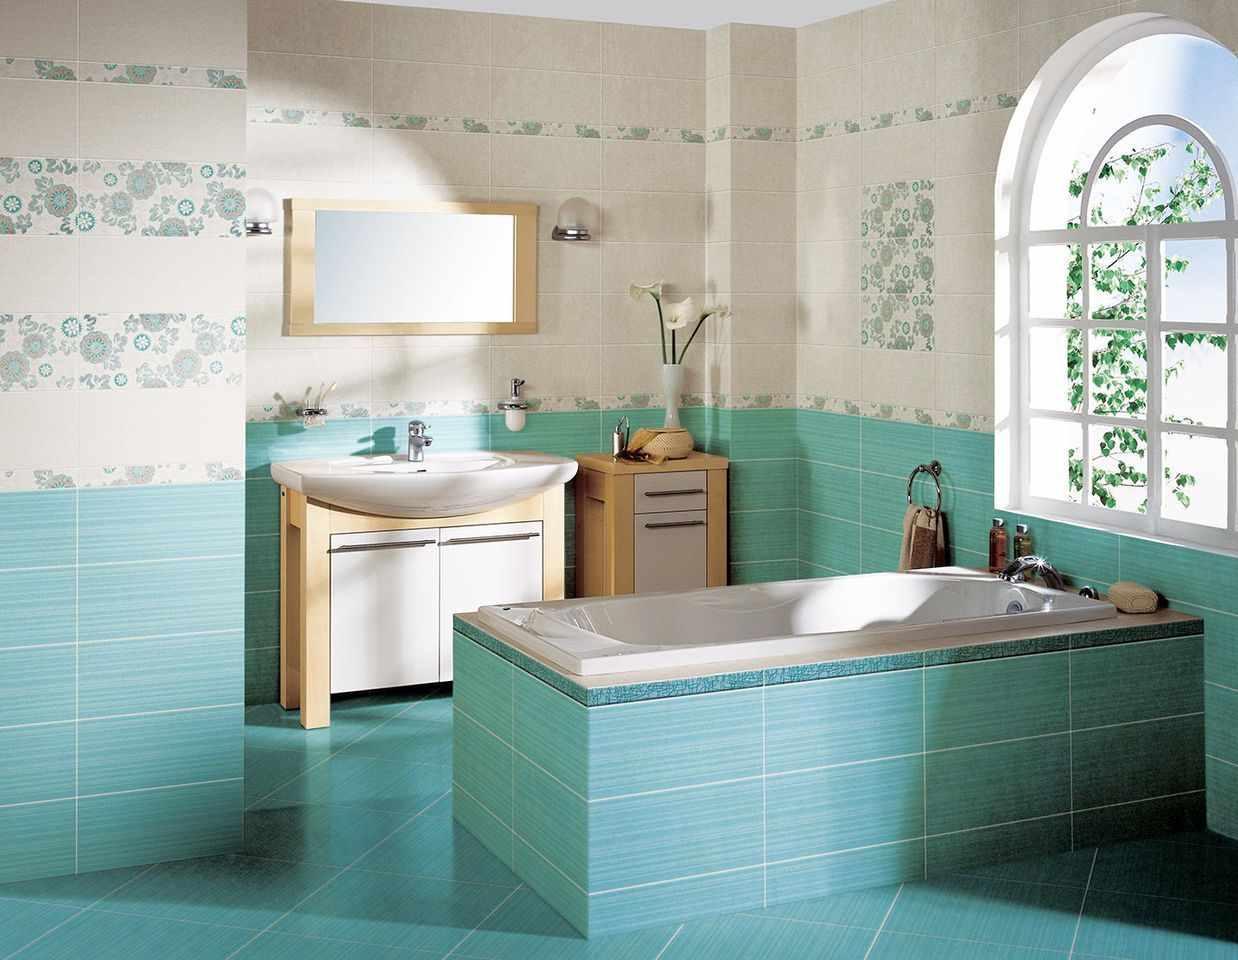 вариант красивого декора ванной комнаты с облицовкой плиткой